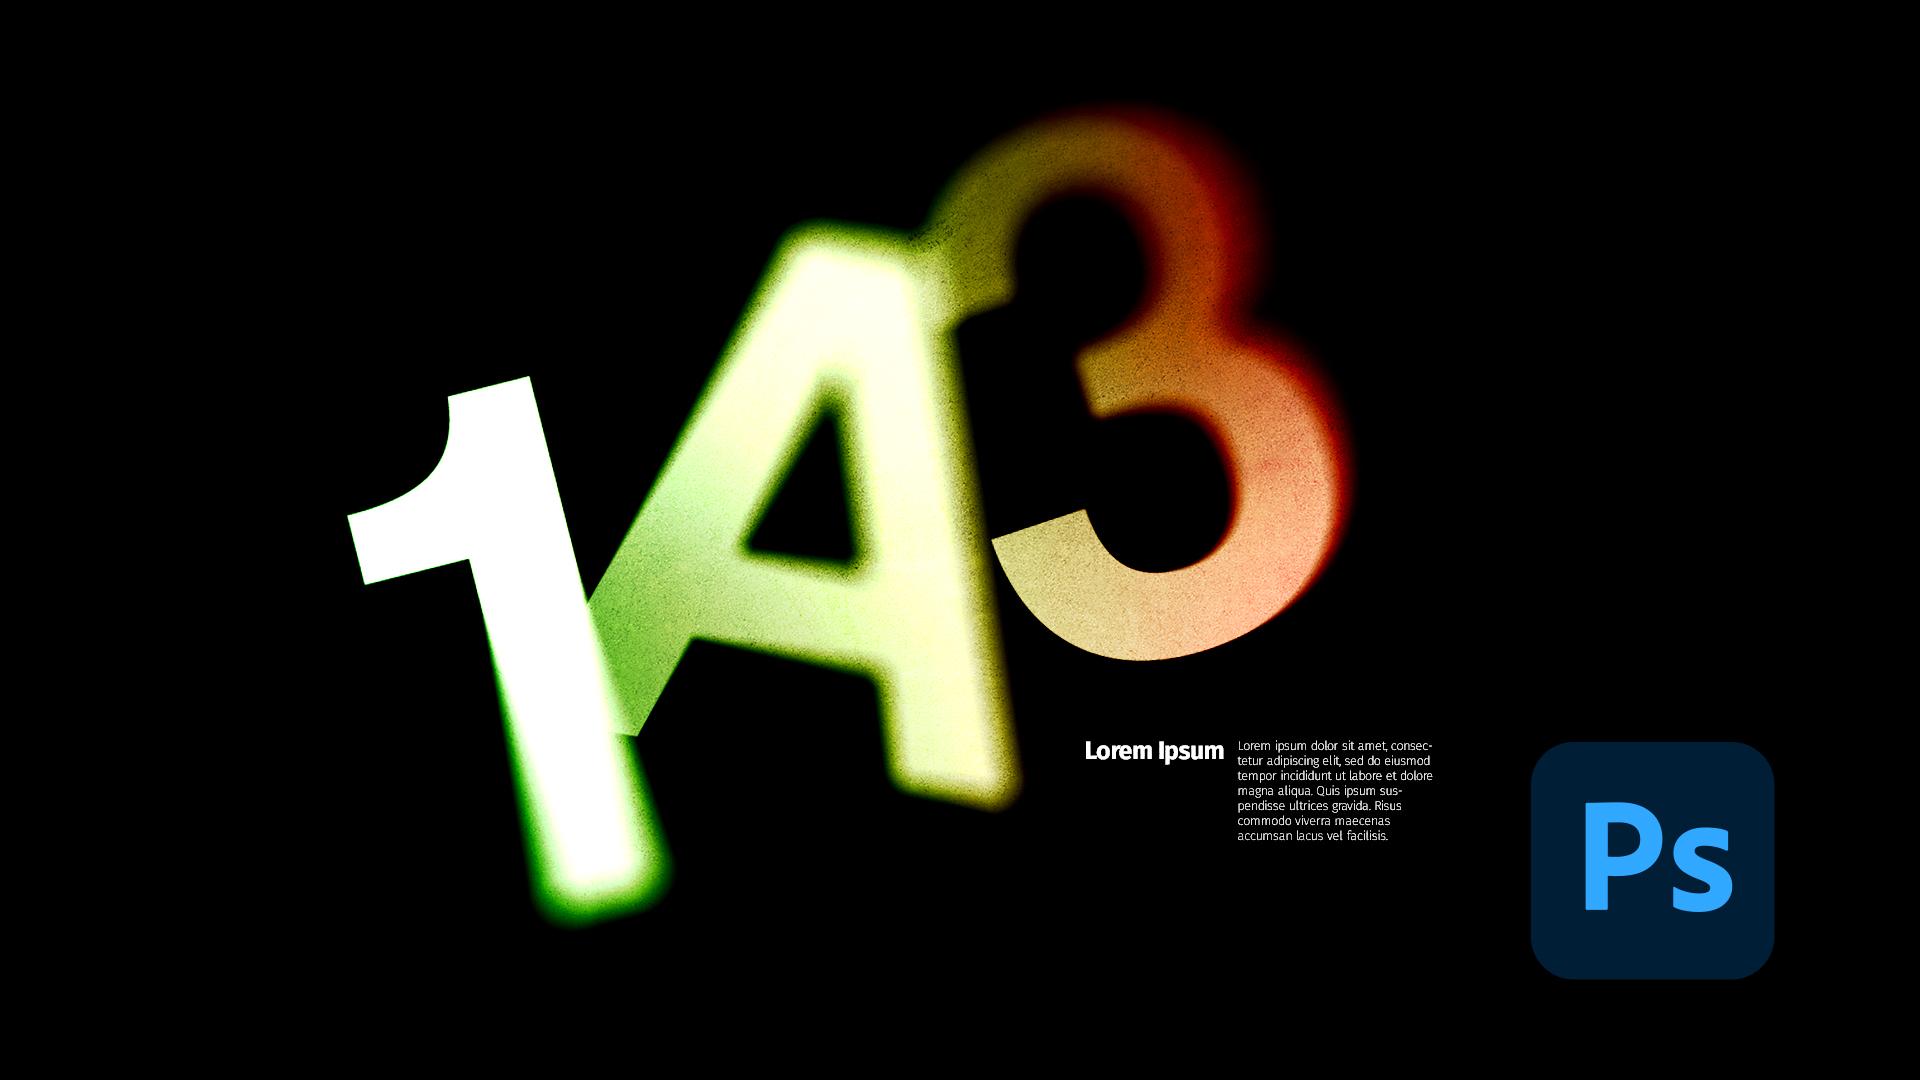 Comment composer avec la typographie dans Photoshop